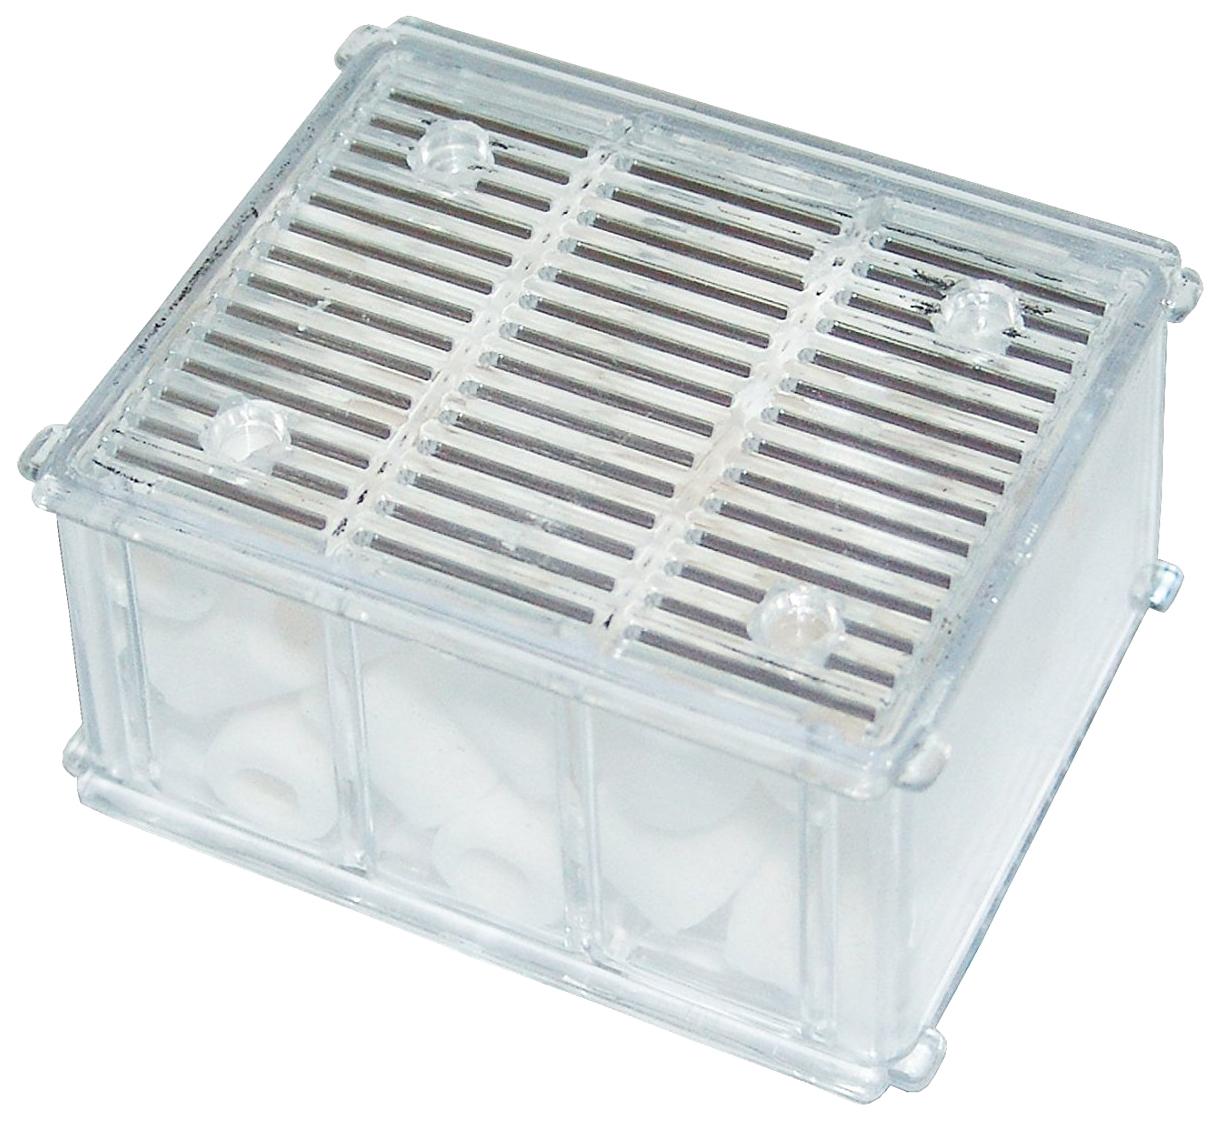 Фильтр картридж для внутреннего фильтра Aquatlantis EasyBox